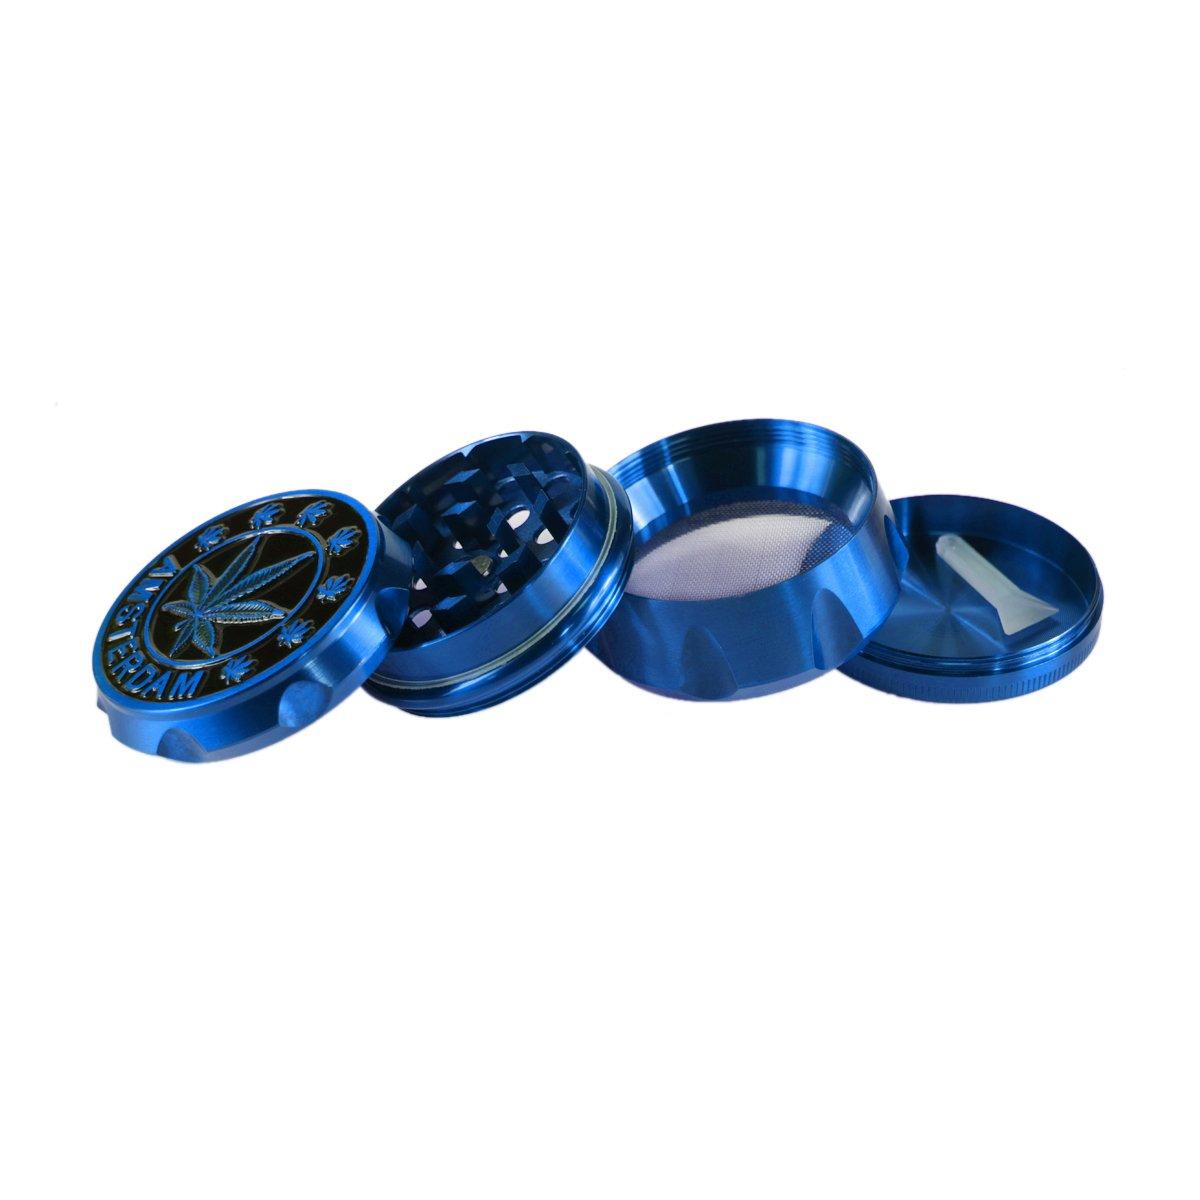 FORMAX420 Herb Grinder 50mm 2 Zoll 4 St/ück mit Pollenf/änger Blue